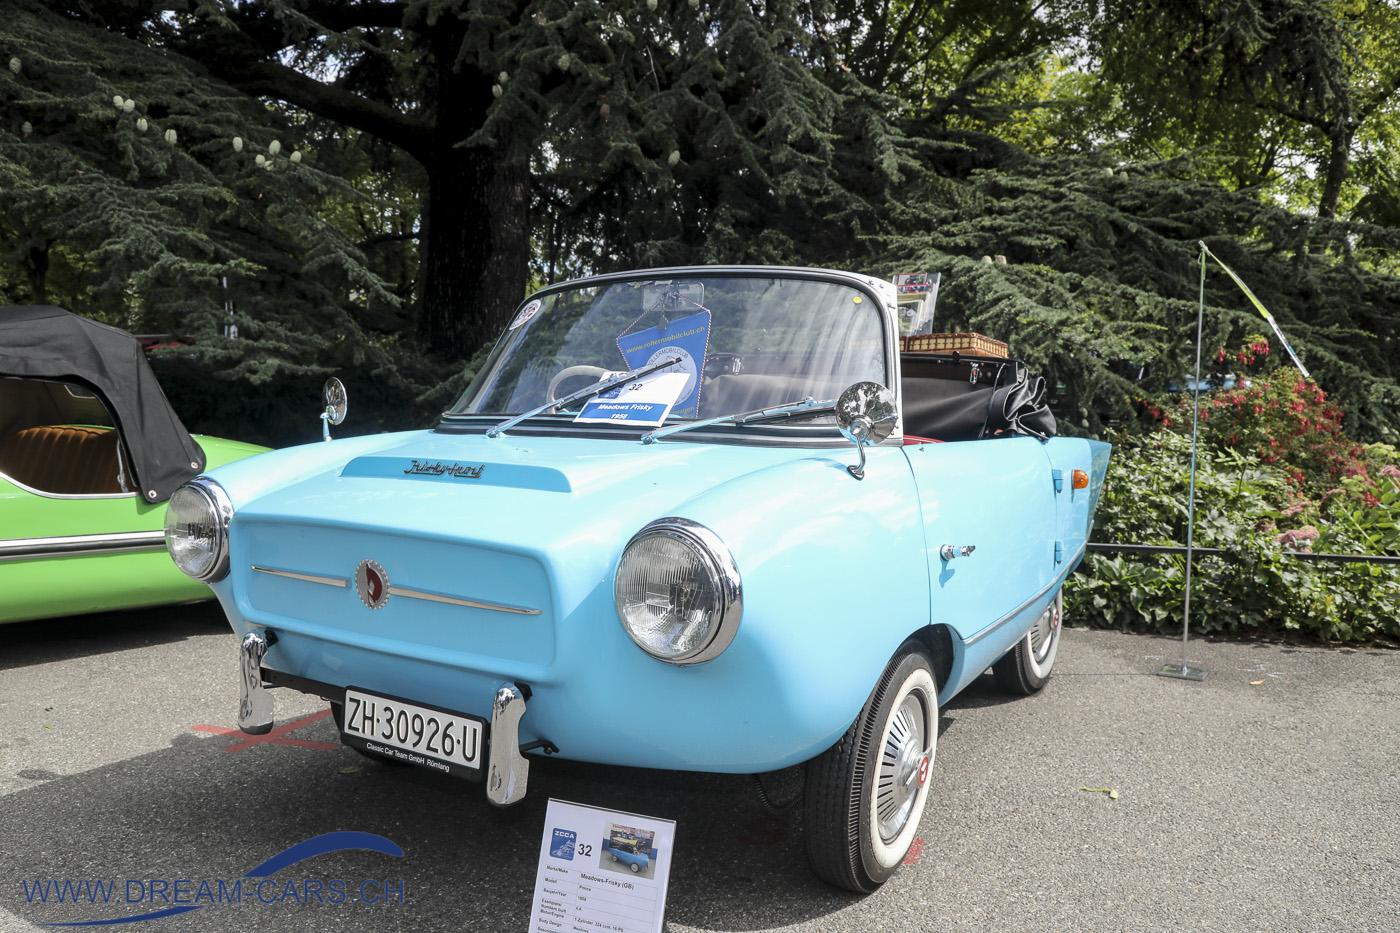 ZCCA, Zurich Classic Car Award auf dem Bürkliplatz in Zürich, 21. August 2019. Ein Meadows Frisky Sport von 1958